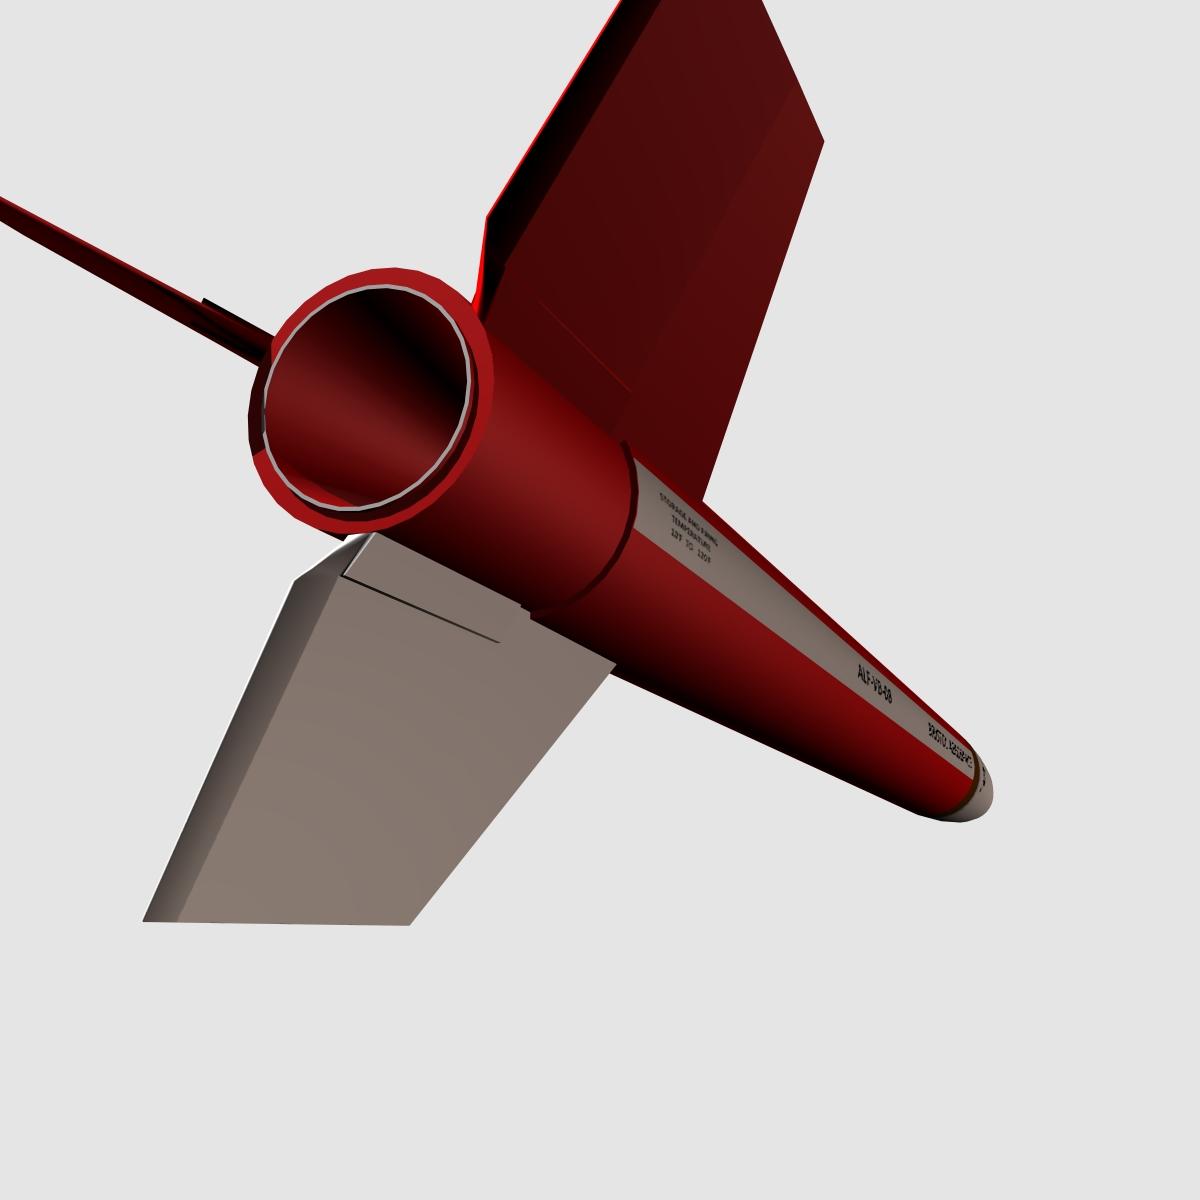 qara brant vb raketin səsləndirilməsi 3d model 3ds dxf cob x obj 150876